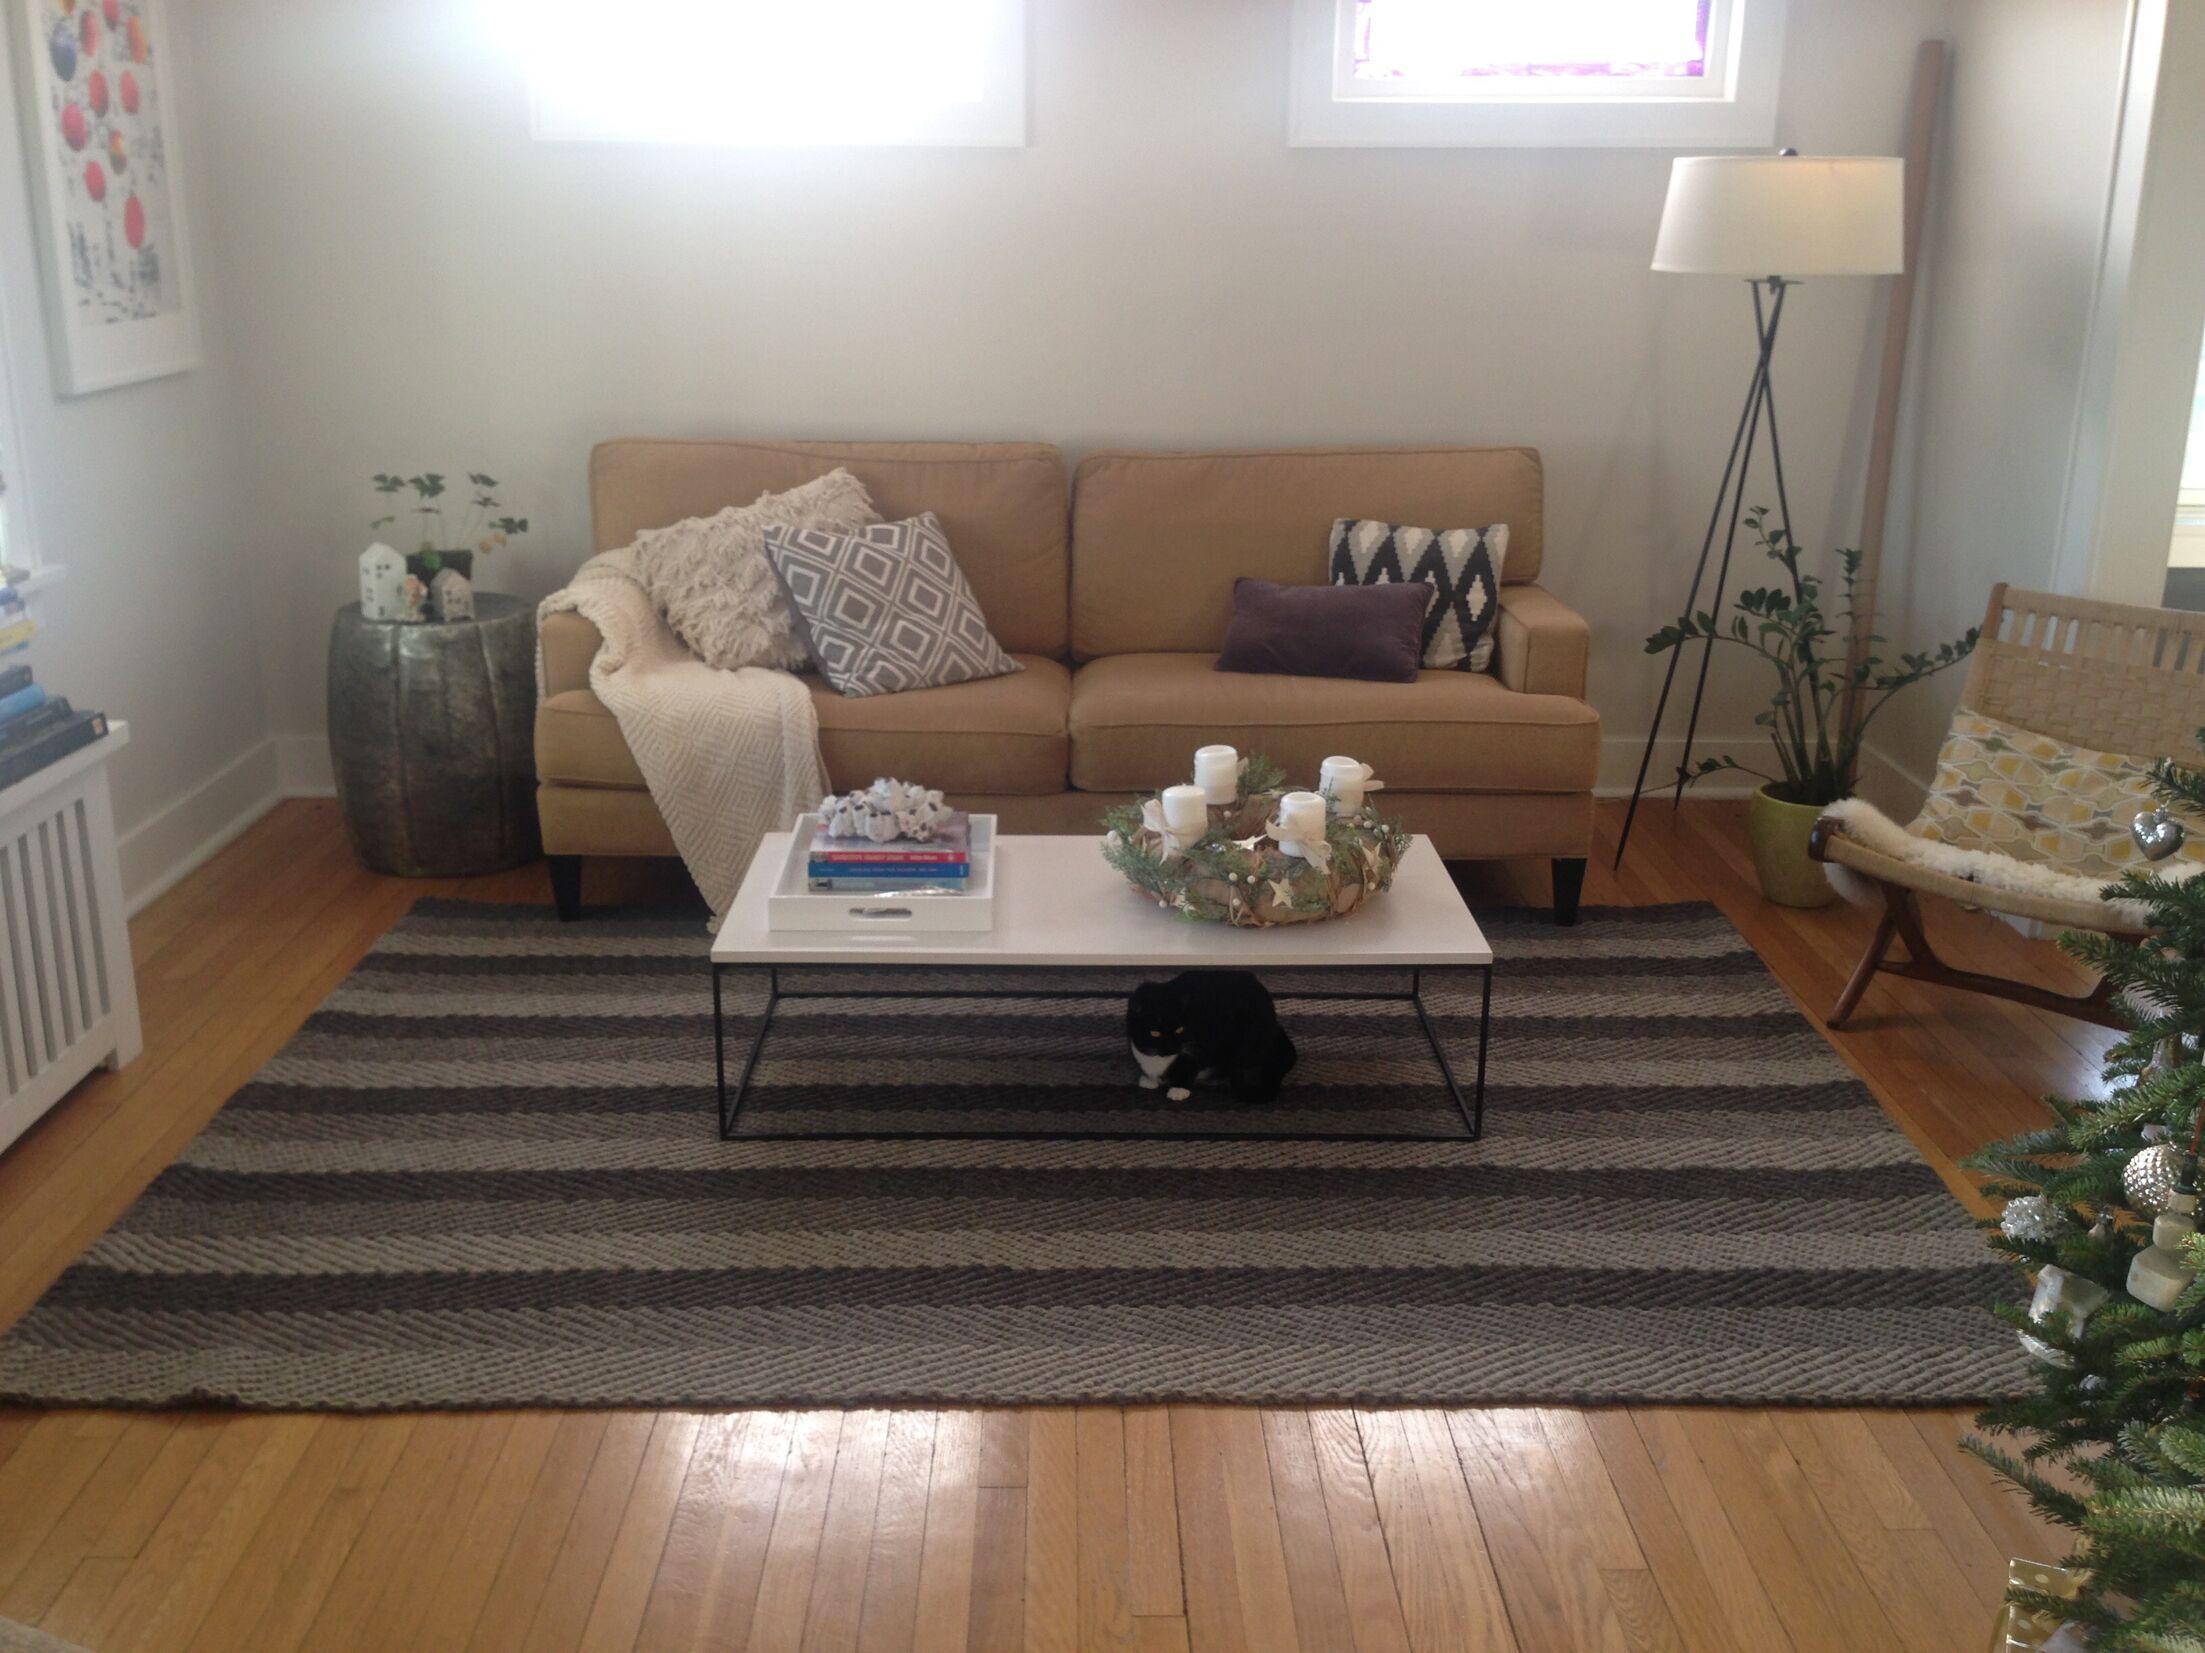 Gordonsville Hand-Woven Brown/Tan Indoor Area Rug Rug Size: 3' x 5'